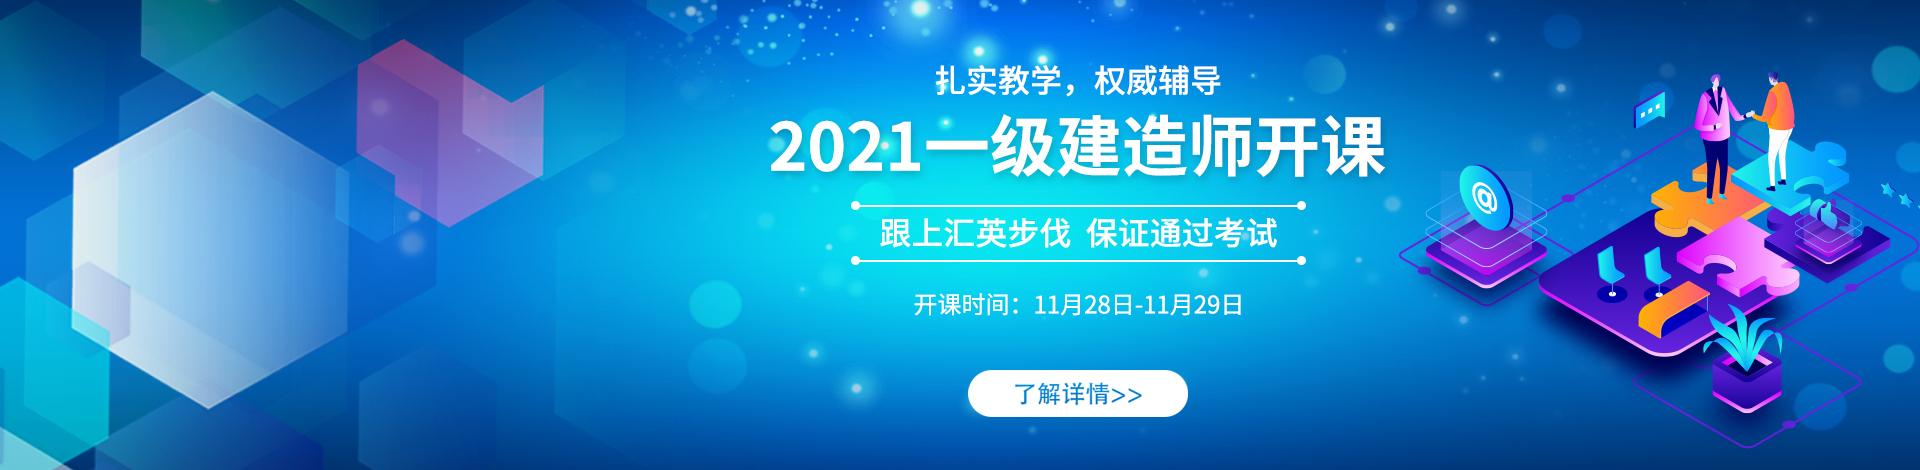 2021年宁夏一级建造师报名常见问题—工作年限怎么算